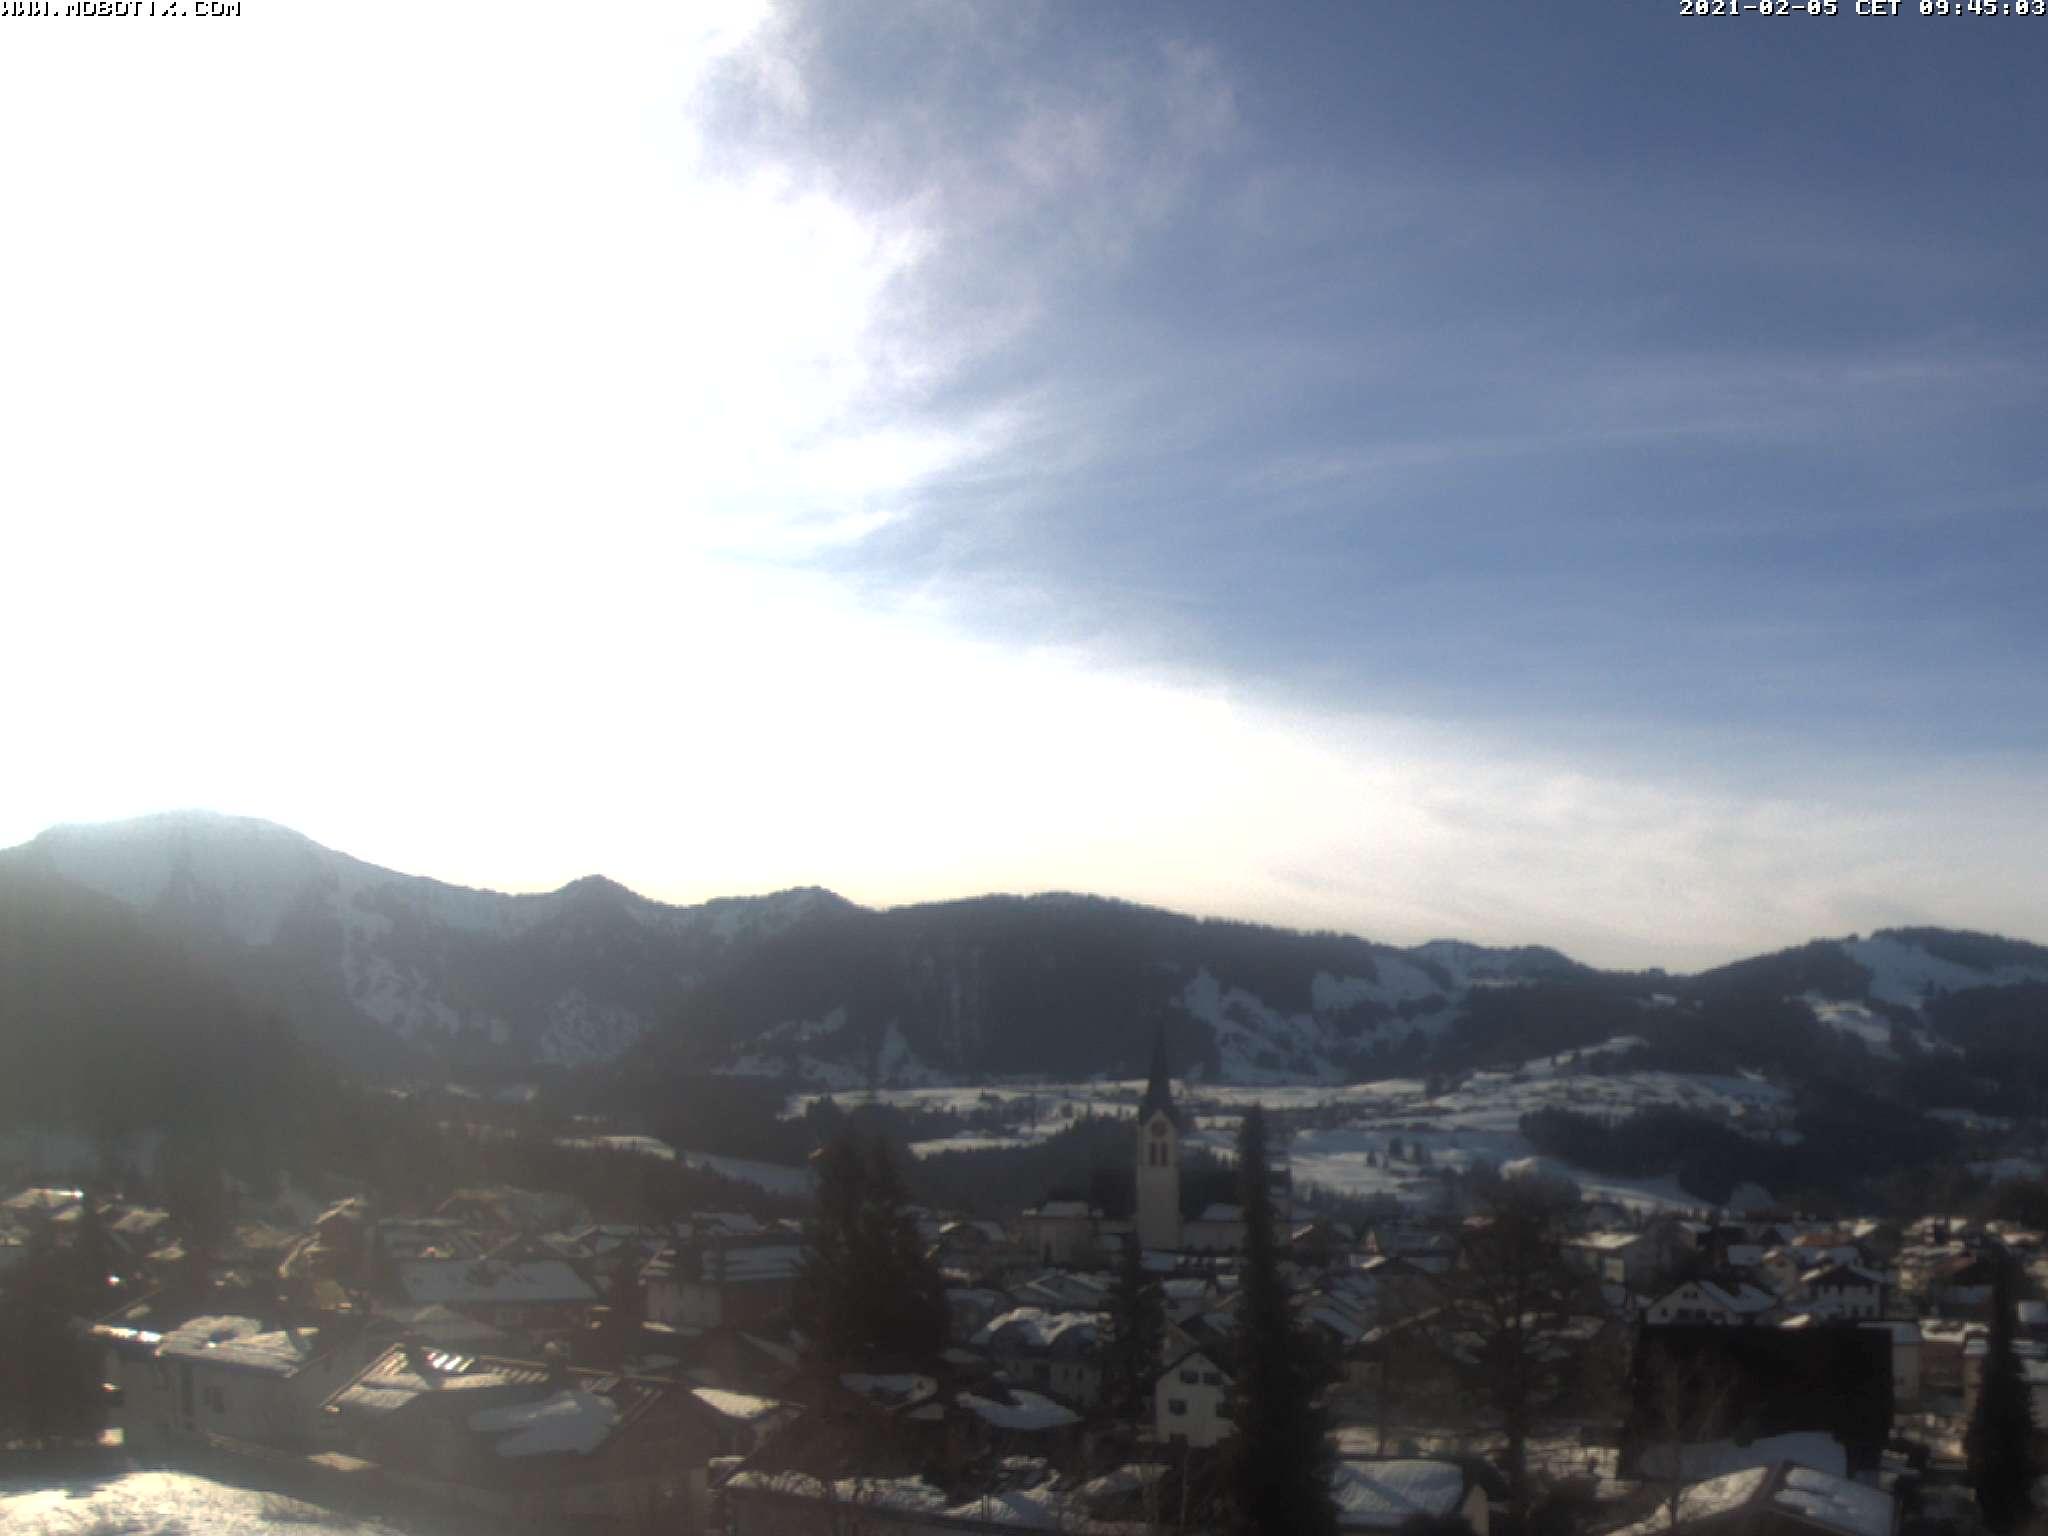 Diese Webcam wird vom Hotel Rosenalp in Oberstaufen getragen